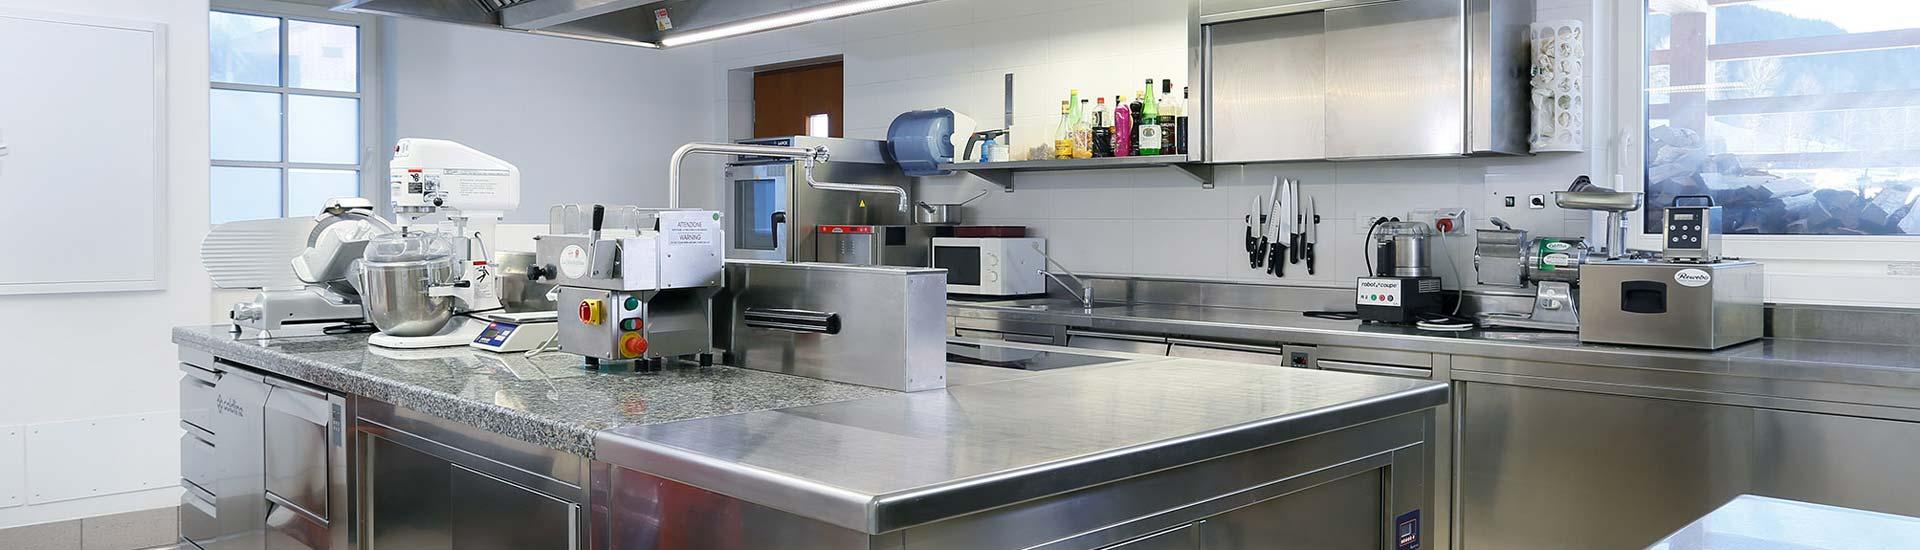 Möbel und Geräte in Inox für Südtirols Gastronomie ...